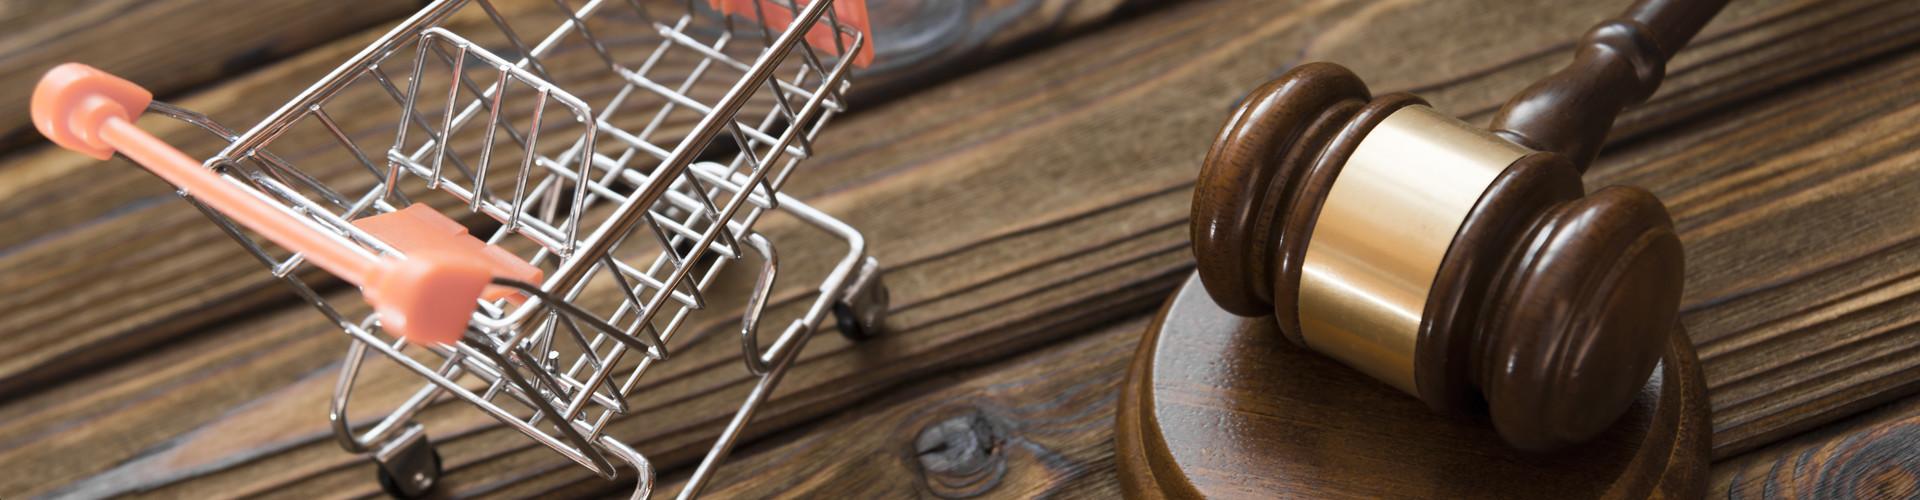 Neben einem Richterhammer steht die Miniatur eines Einkaufswagens auf einem hölzernen Untergrund © gerasimov174, stock.adobe.com